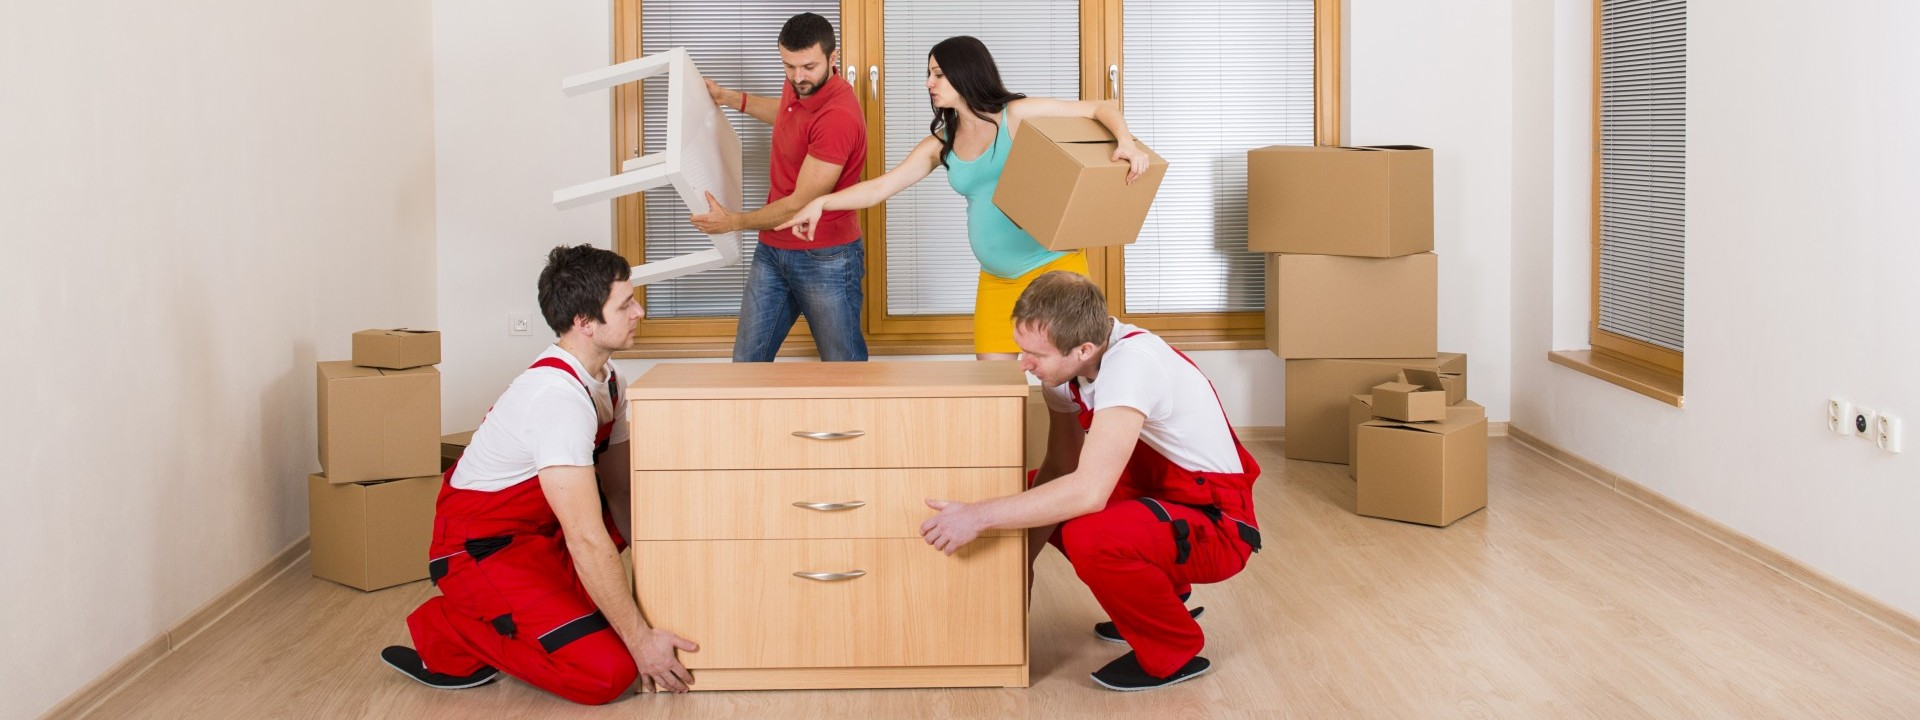 duhamel d m nagement transport boulogne billancourt. Black Bedroom Furniture Sets. Home Design Ideas